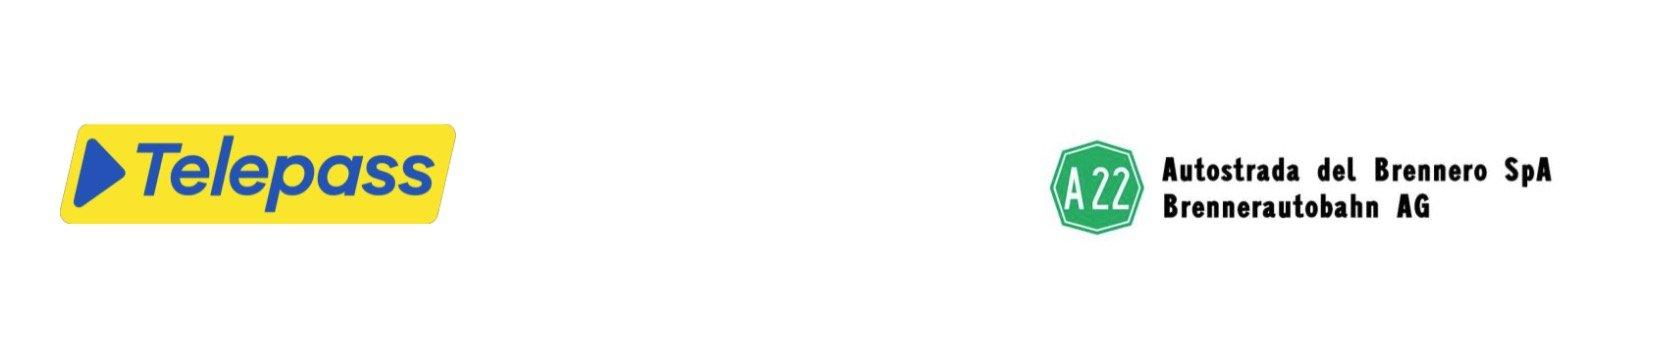 TELEPASS E AUTOSTRADA DEL BRENNERO *  TELEPASS:«SEI MESI DI CANONE GRATUITO PER I RESIDENTI DELLE PROVINCE DI BOLZANO - TRENTO - VERONA - MANTOVA - REGGIO EMILIA - MODENA »